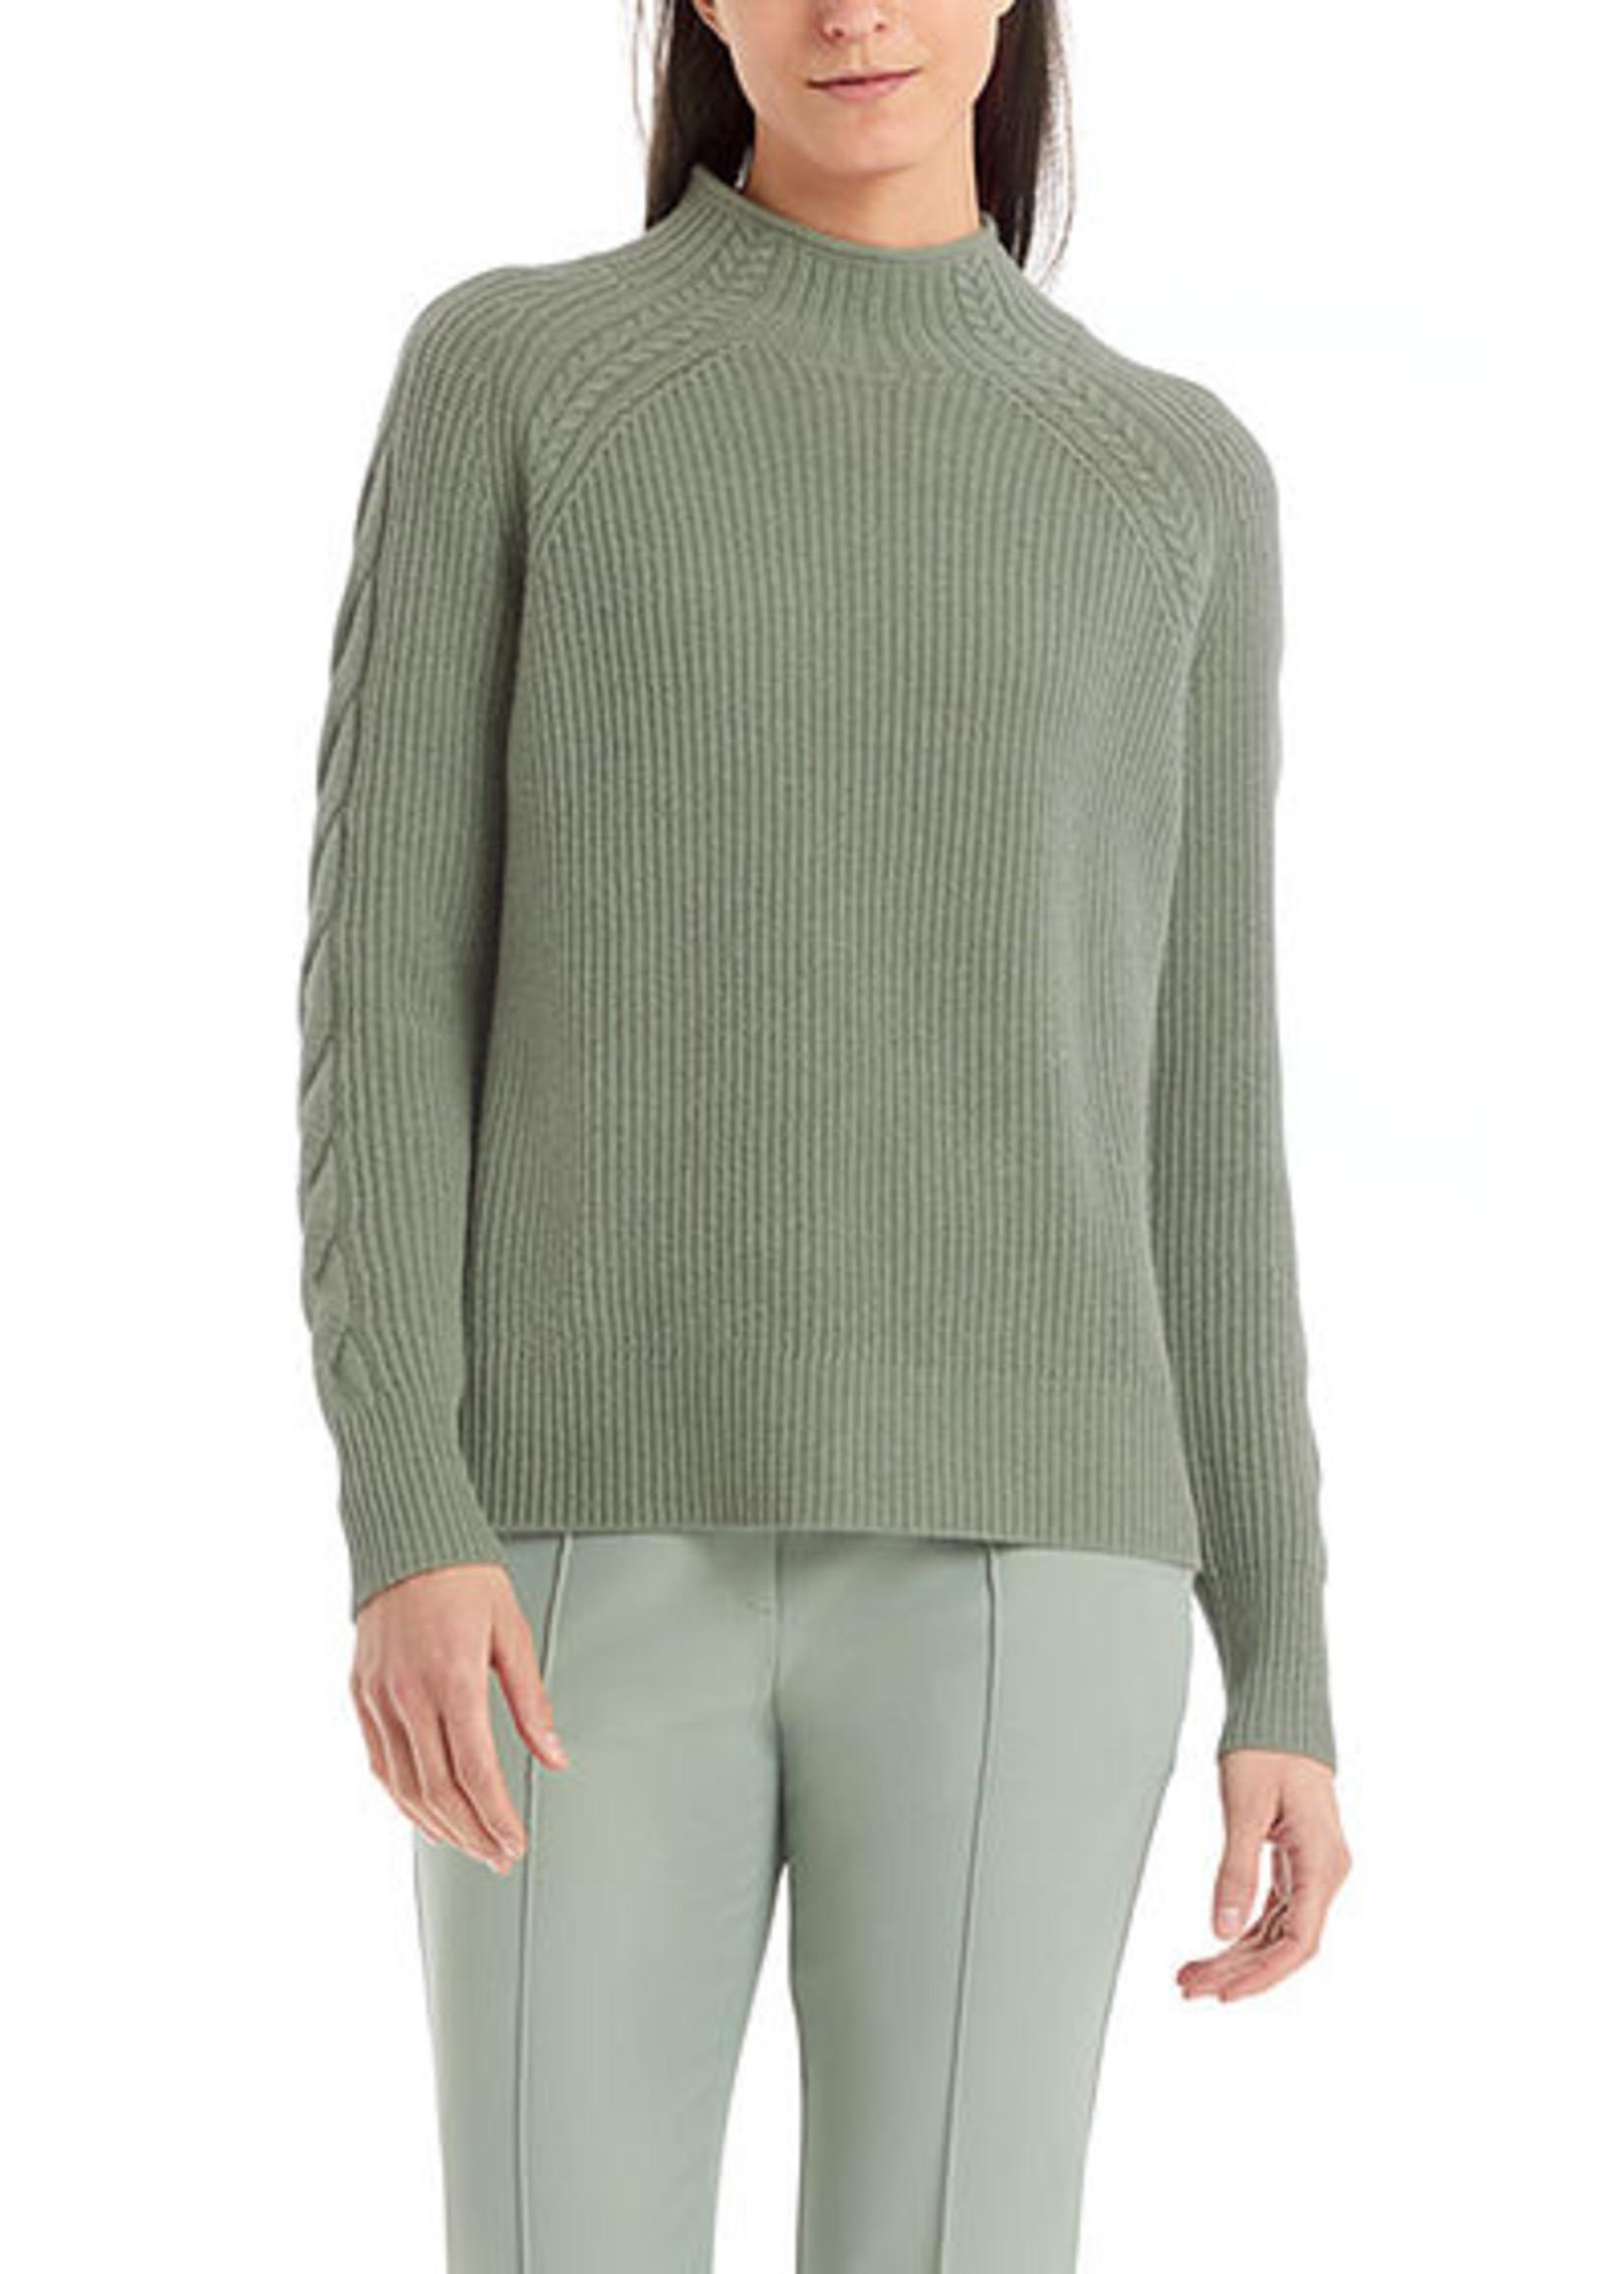 Sweater RA 41.13 M84 frozen sage